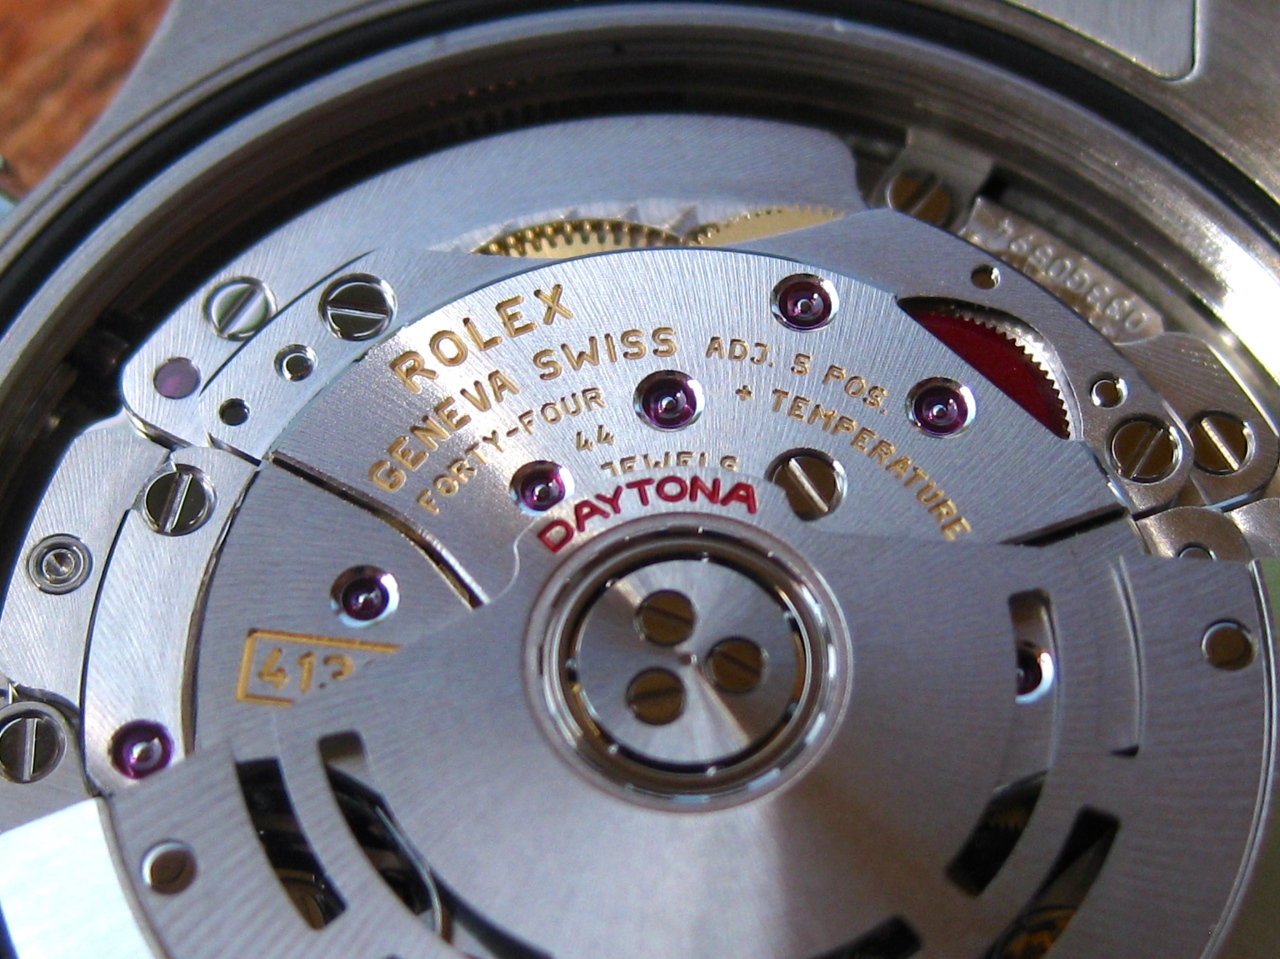 Rolex Daytona –Tuning